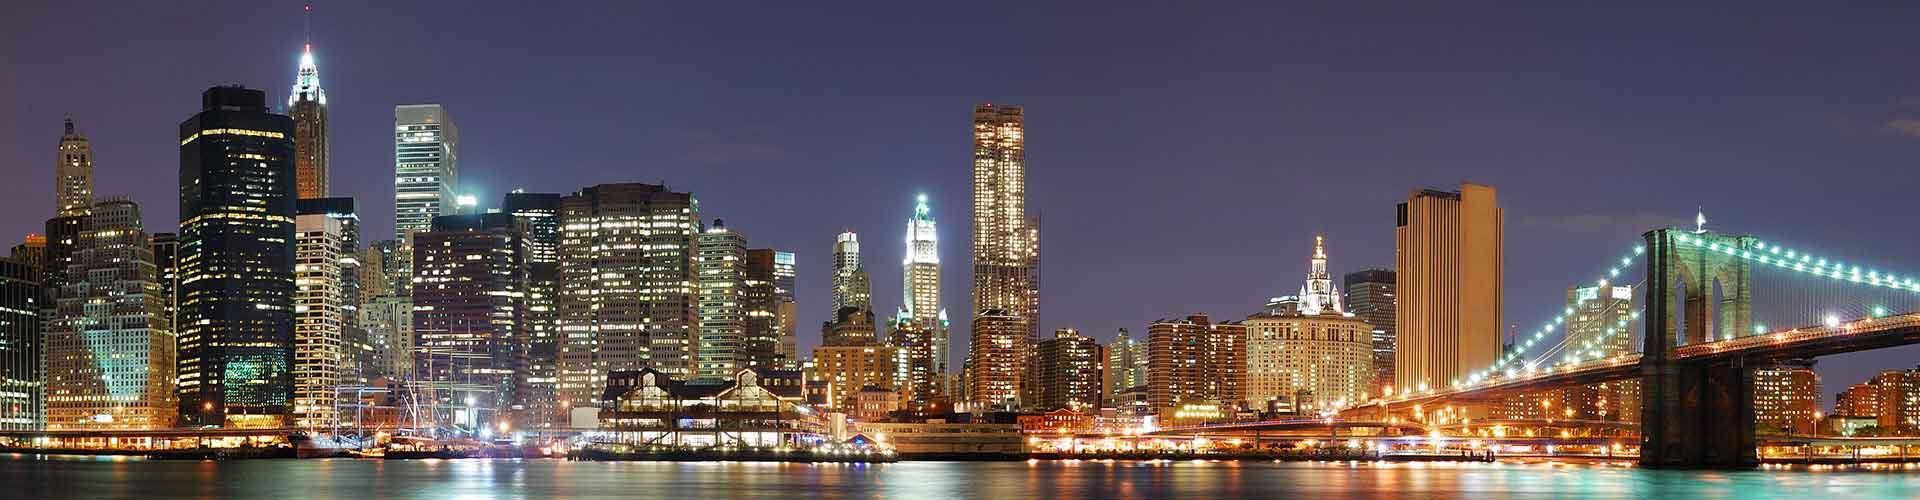 뉴욕시티 - 뉴욕시티에 있는 호스텔. 뉴욕시티의 지도, 뉴욕시티에 위치한 호스텔 사진 및 후기 정보.